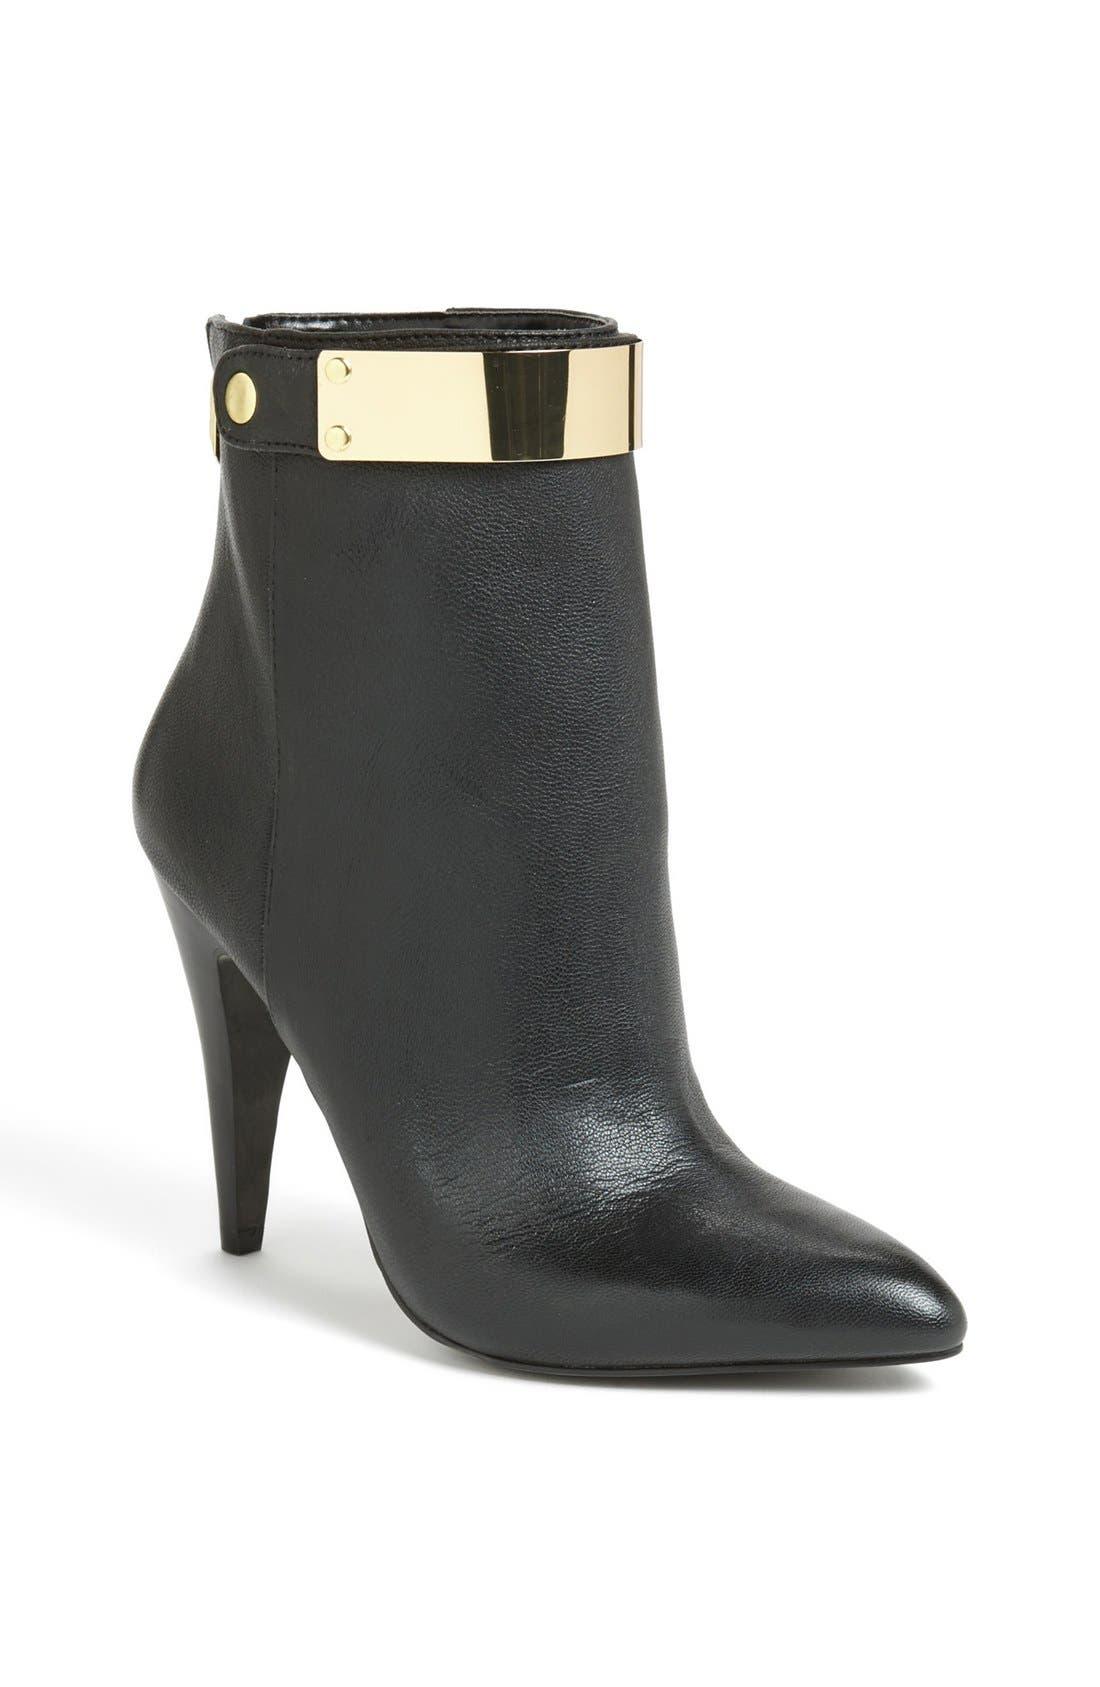 Alternate Image 1 Selected - Fergie 'Renata' Boot